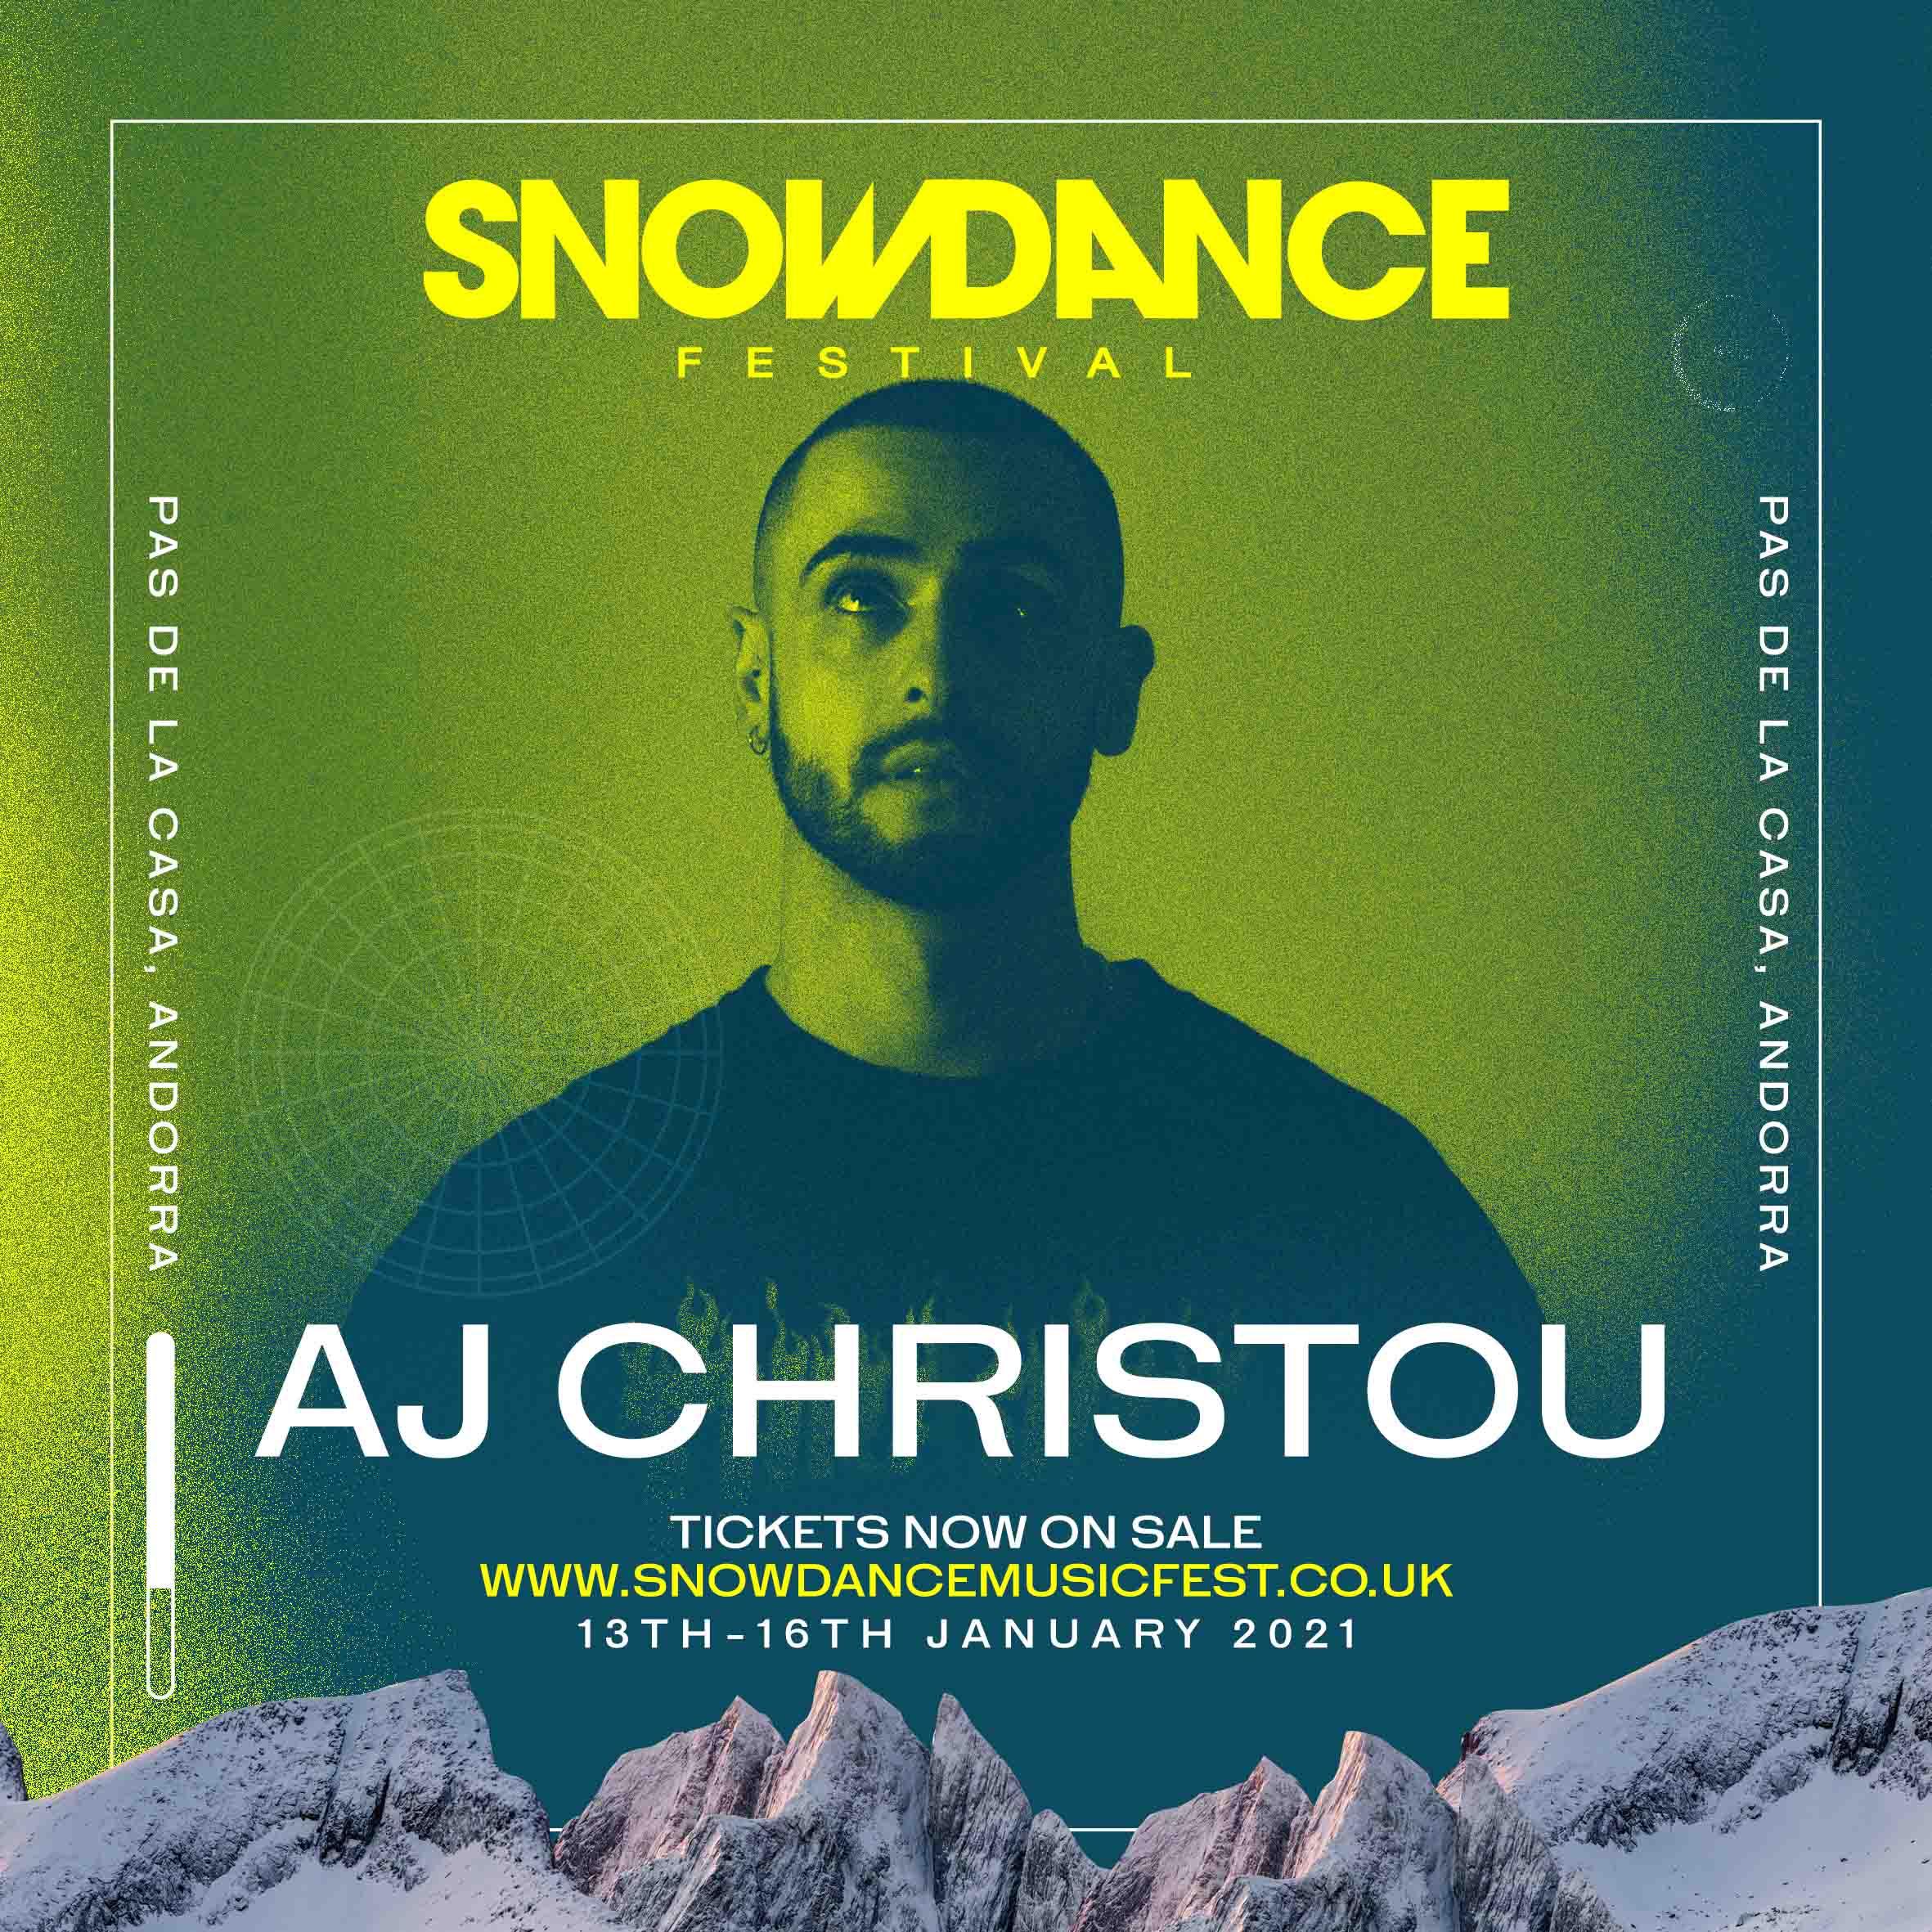 SnowDance festival AJ Christou